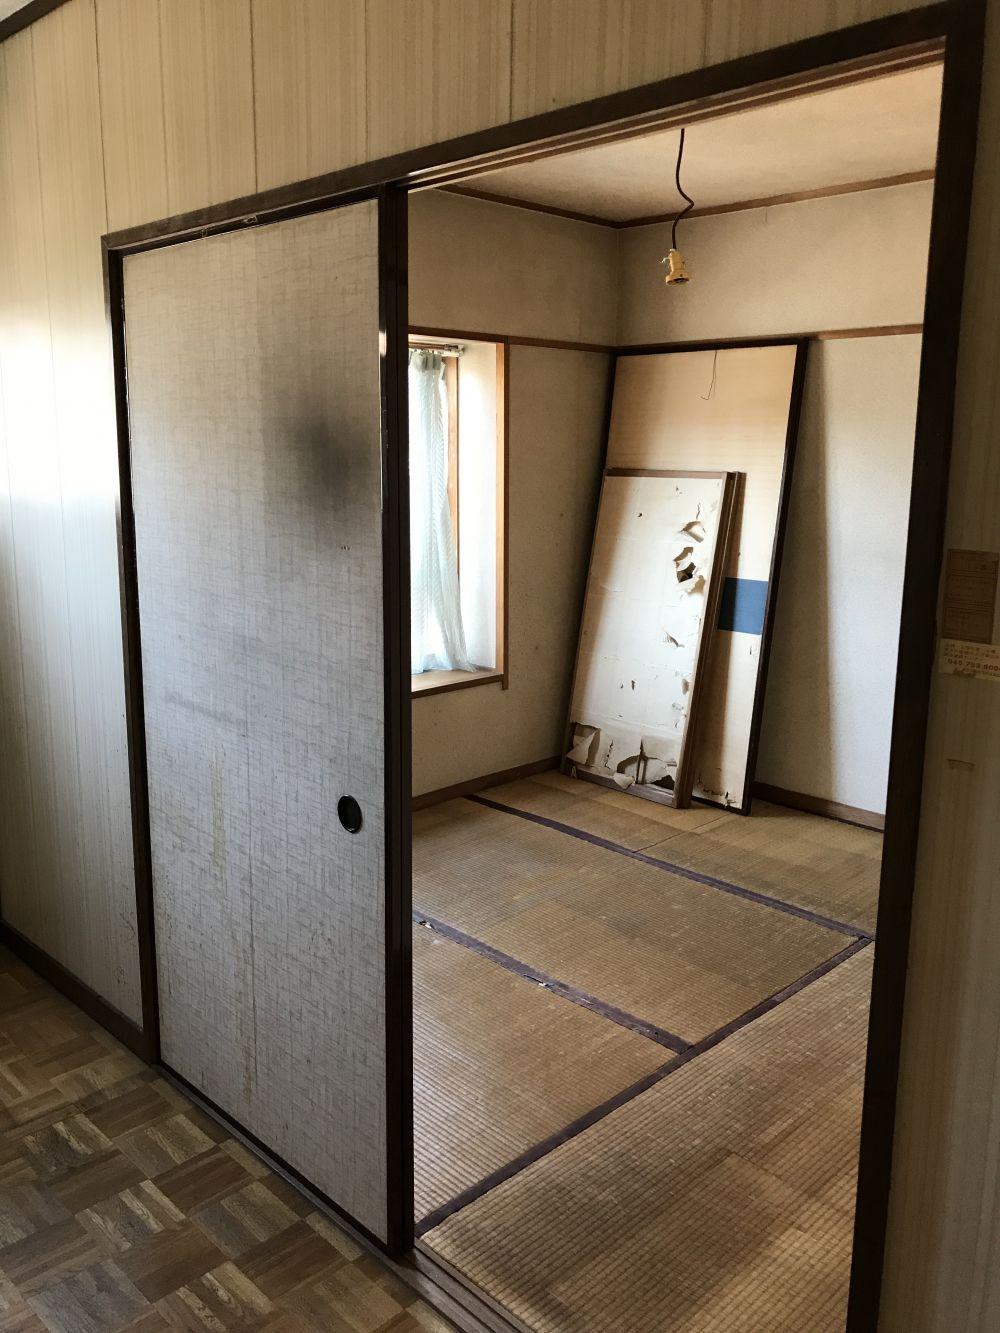 四畳半の和室の壁紙張り替え リフォームのことなら家仲間コム